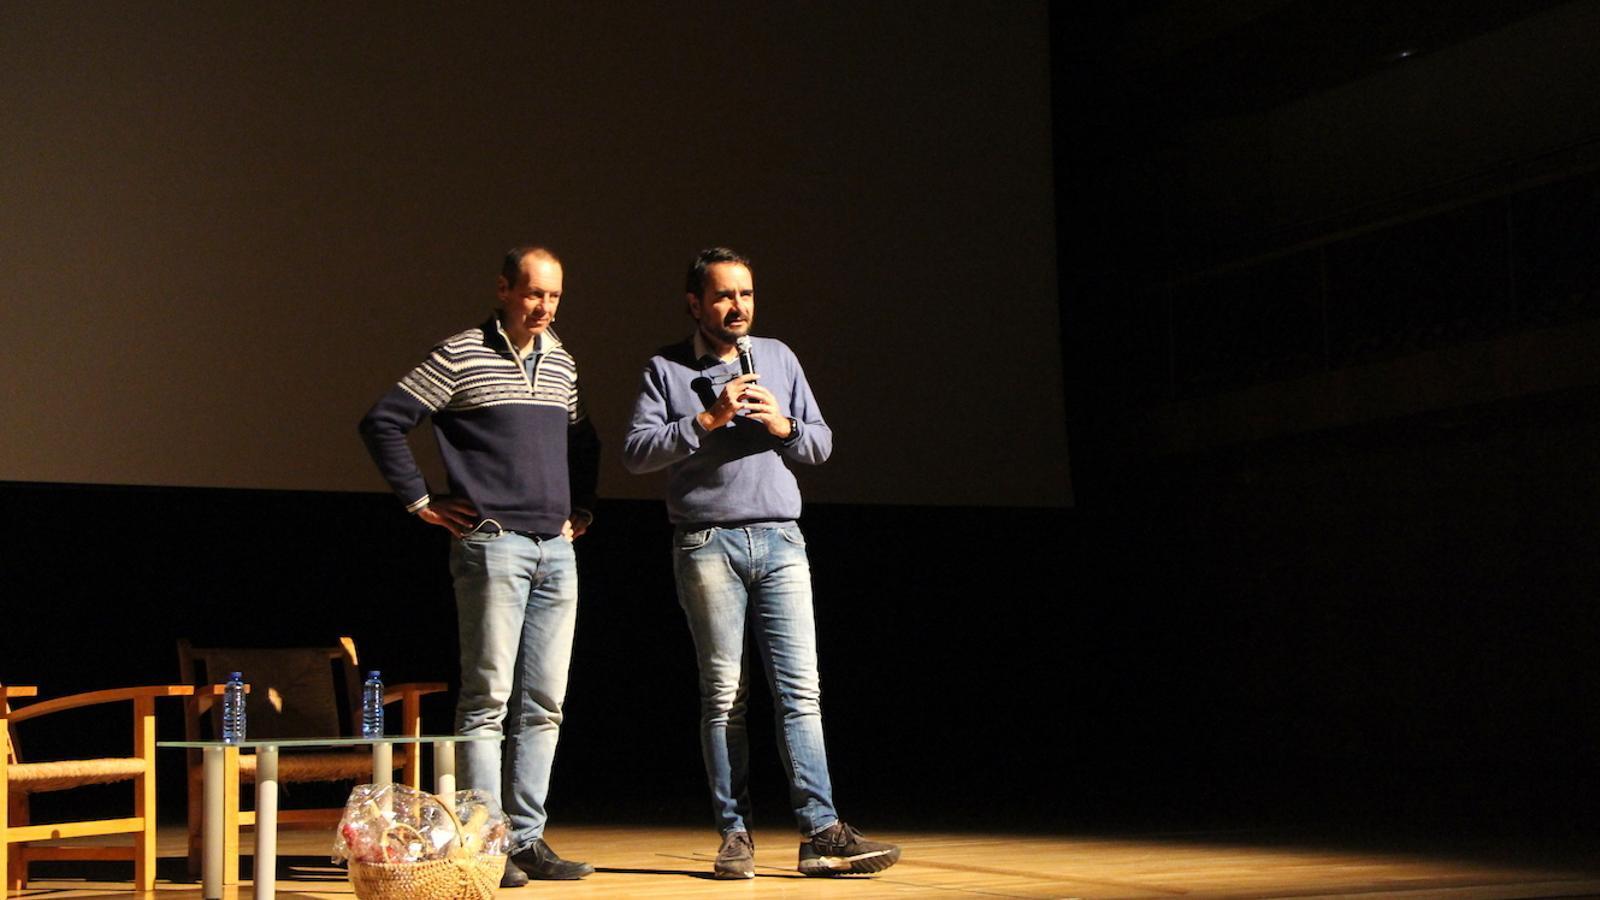 Jaume Esteve, president de la FAM, i el conseller de Turisme i Esports del Comú d'Ordino, Jordi Serracanta, presenten l'acte del Dia internacional de les muntanyes. / C.G. (ANA)